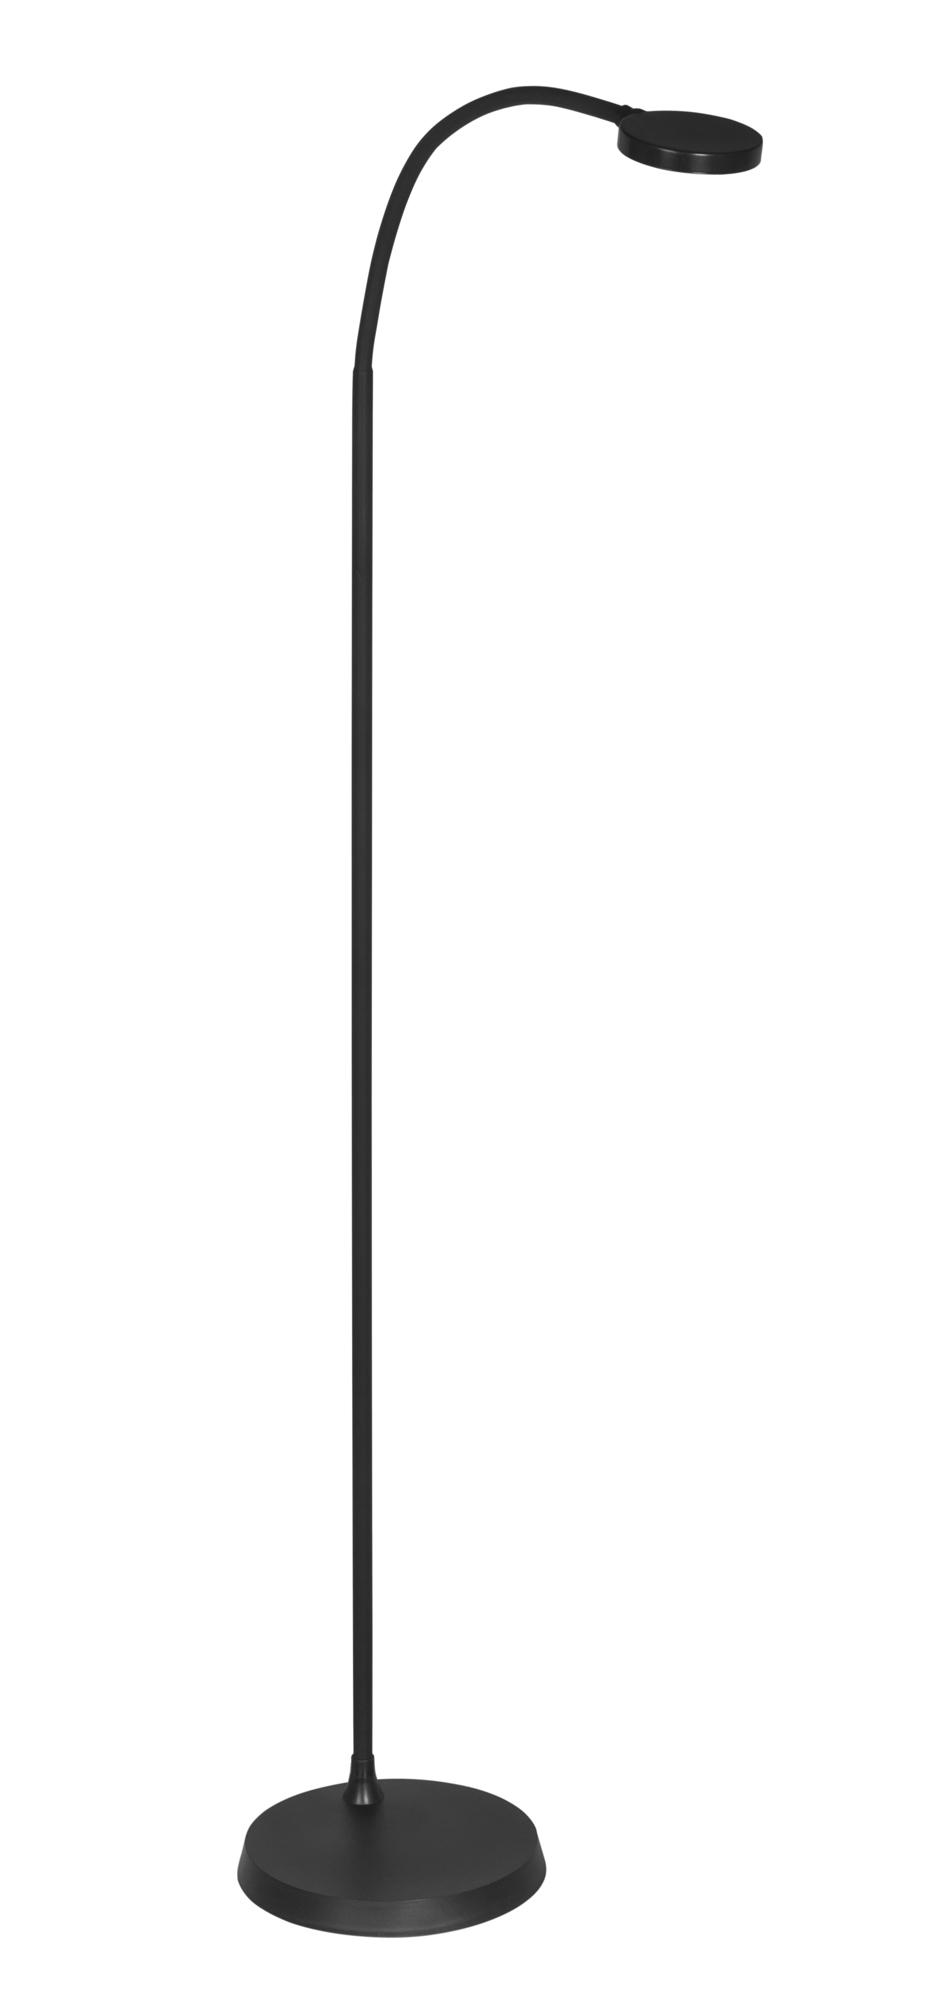 Lampa stojąca - podłogowa LED czarna AJE-ARIA